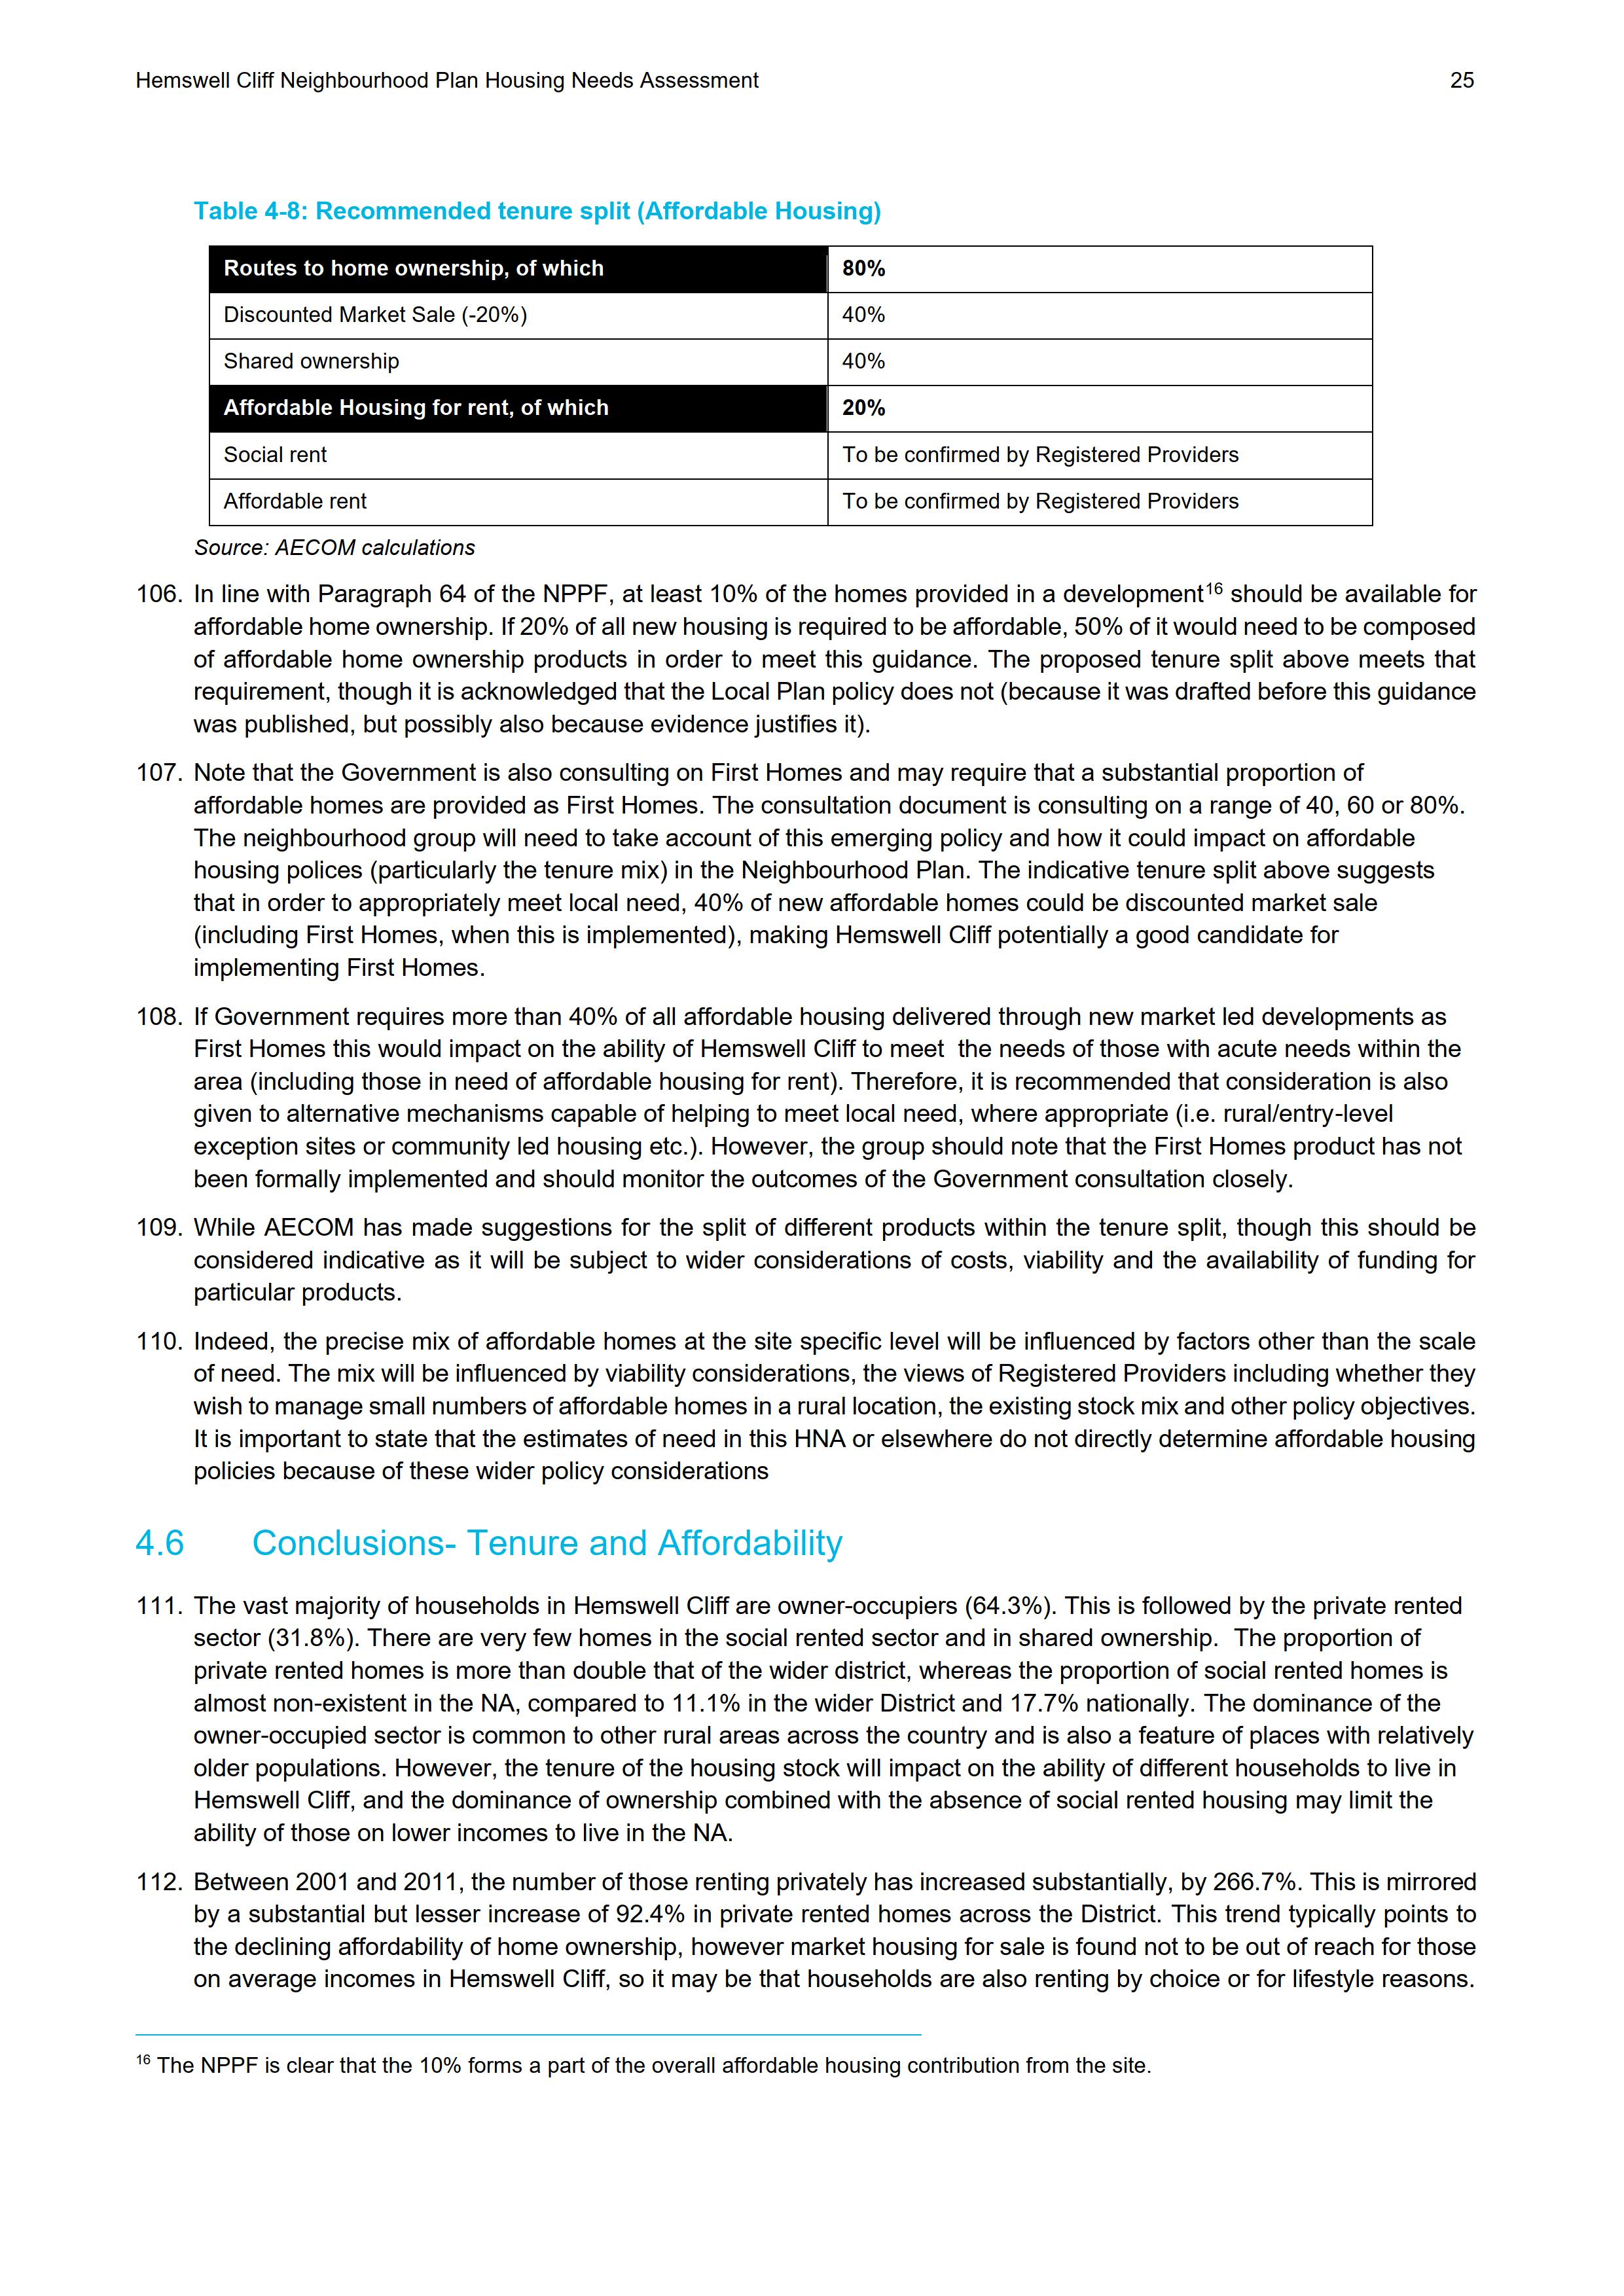 Hemswell_Cliff_Housing_Needs_Assessment_Final_25.png